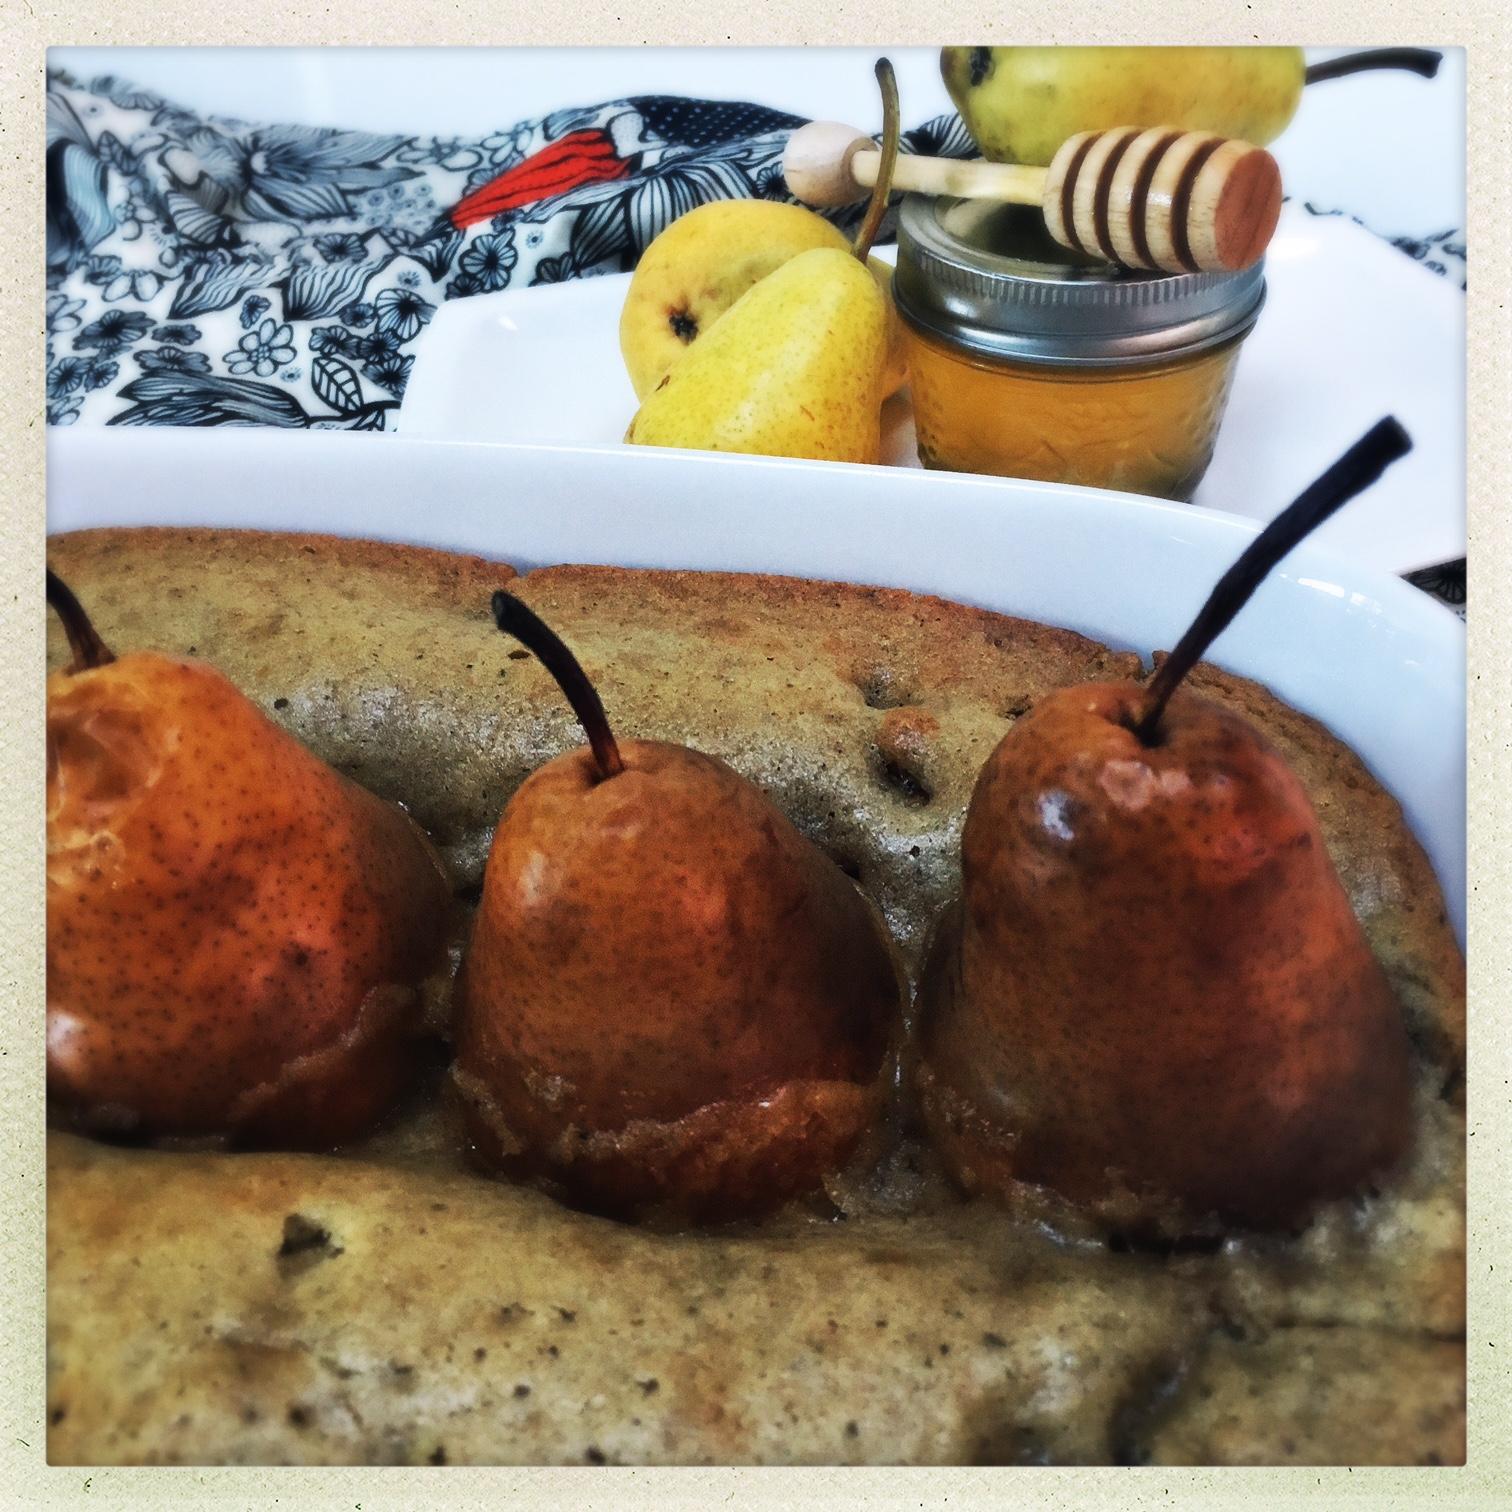 pears standing in cake.jpg